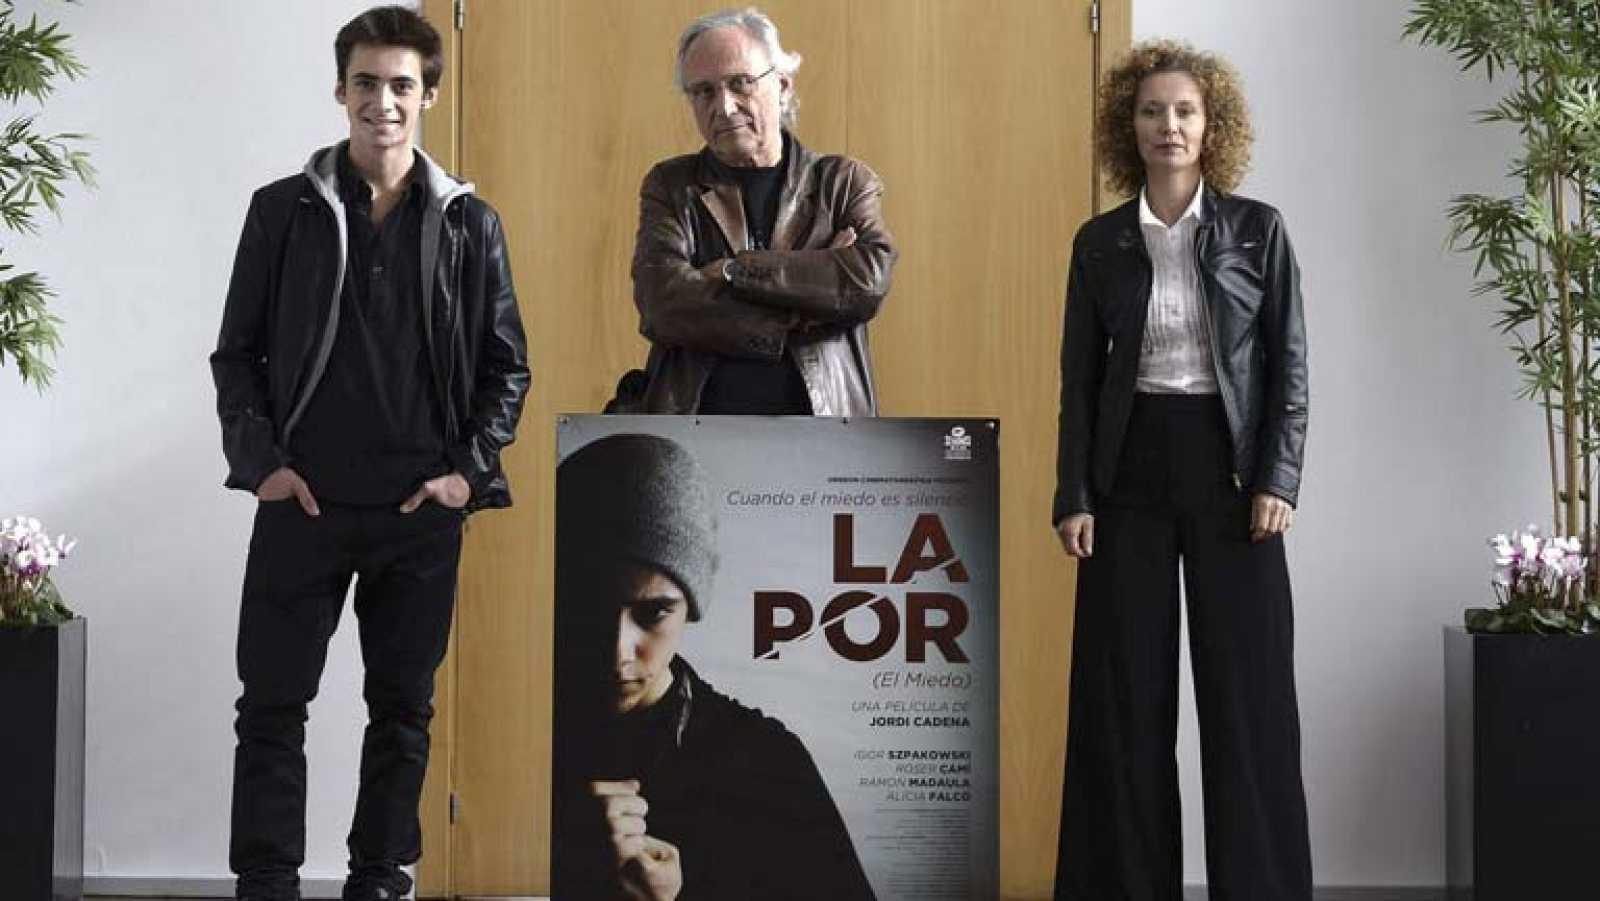 En el festival de Cine de Valladolid, se presenta La Por, El Miedo, que trata sobre violencia de género